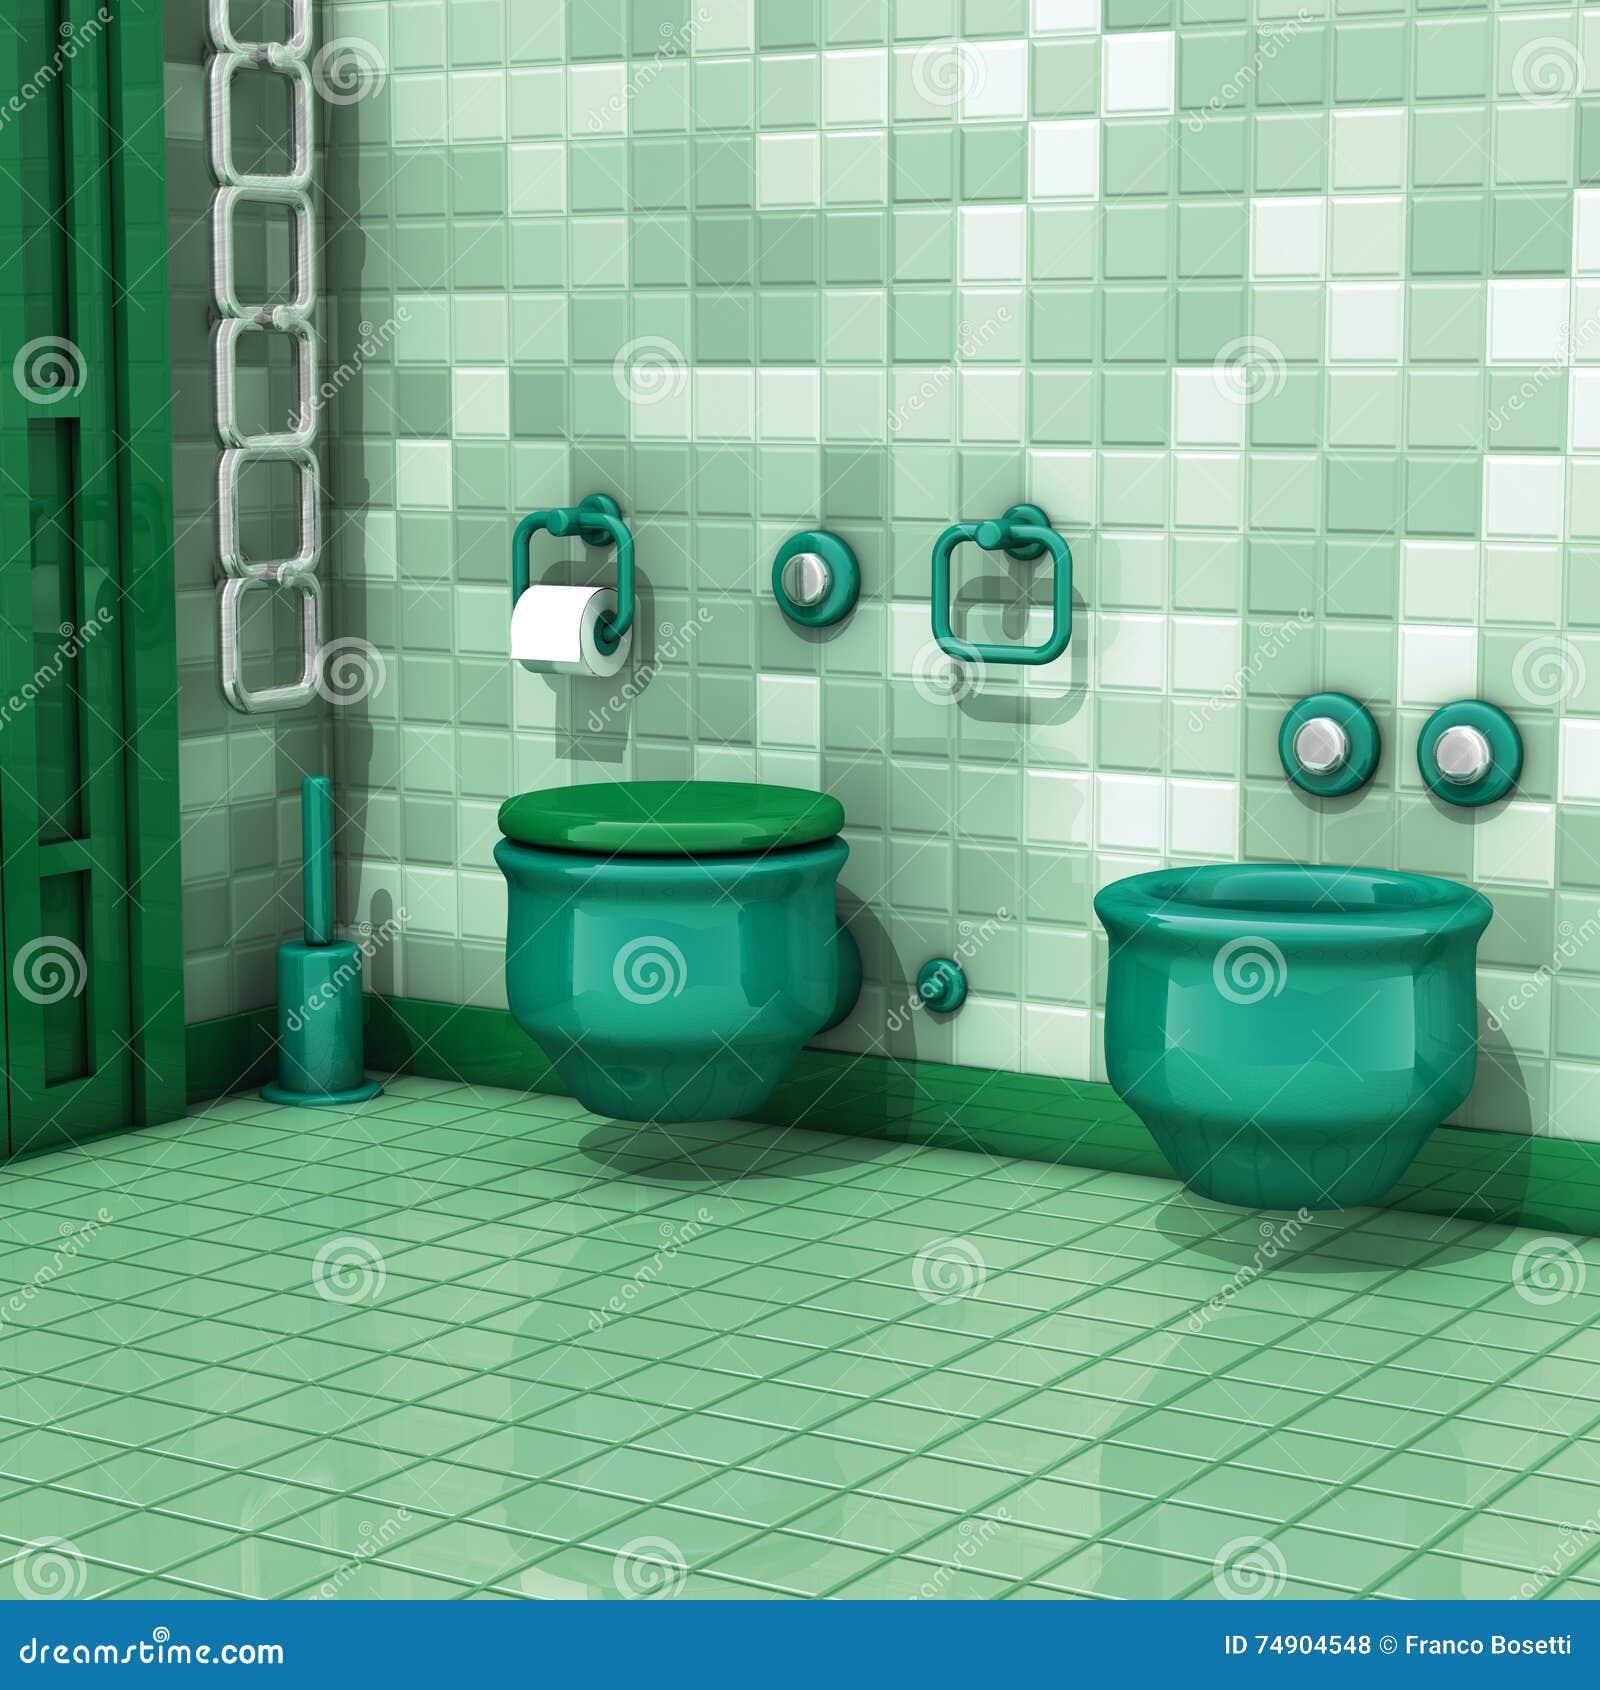 salle de bains avec des tuiles de toilette illustration stock illustration 74904548. Black Bedroom Furniture Sets. Home Design Ideas